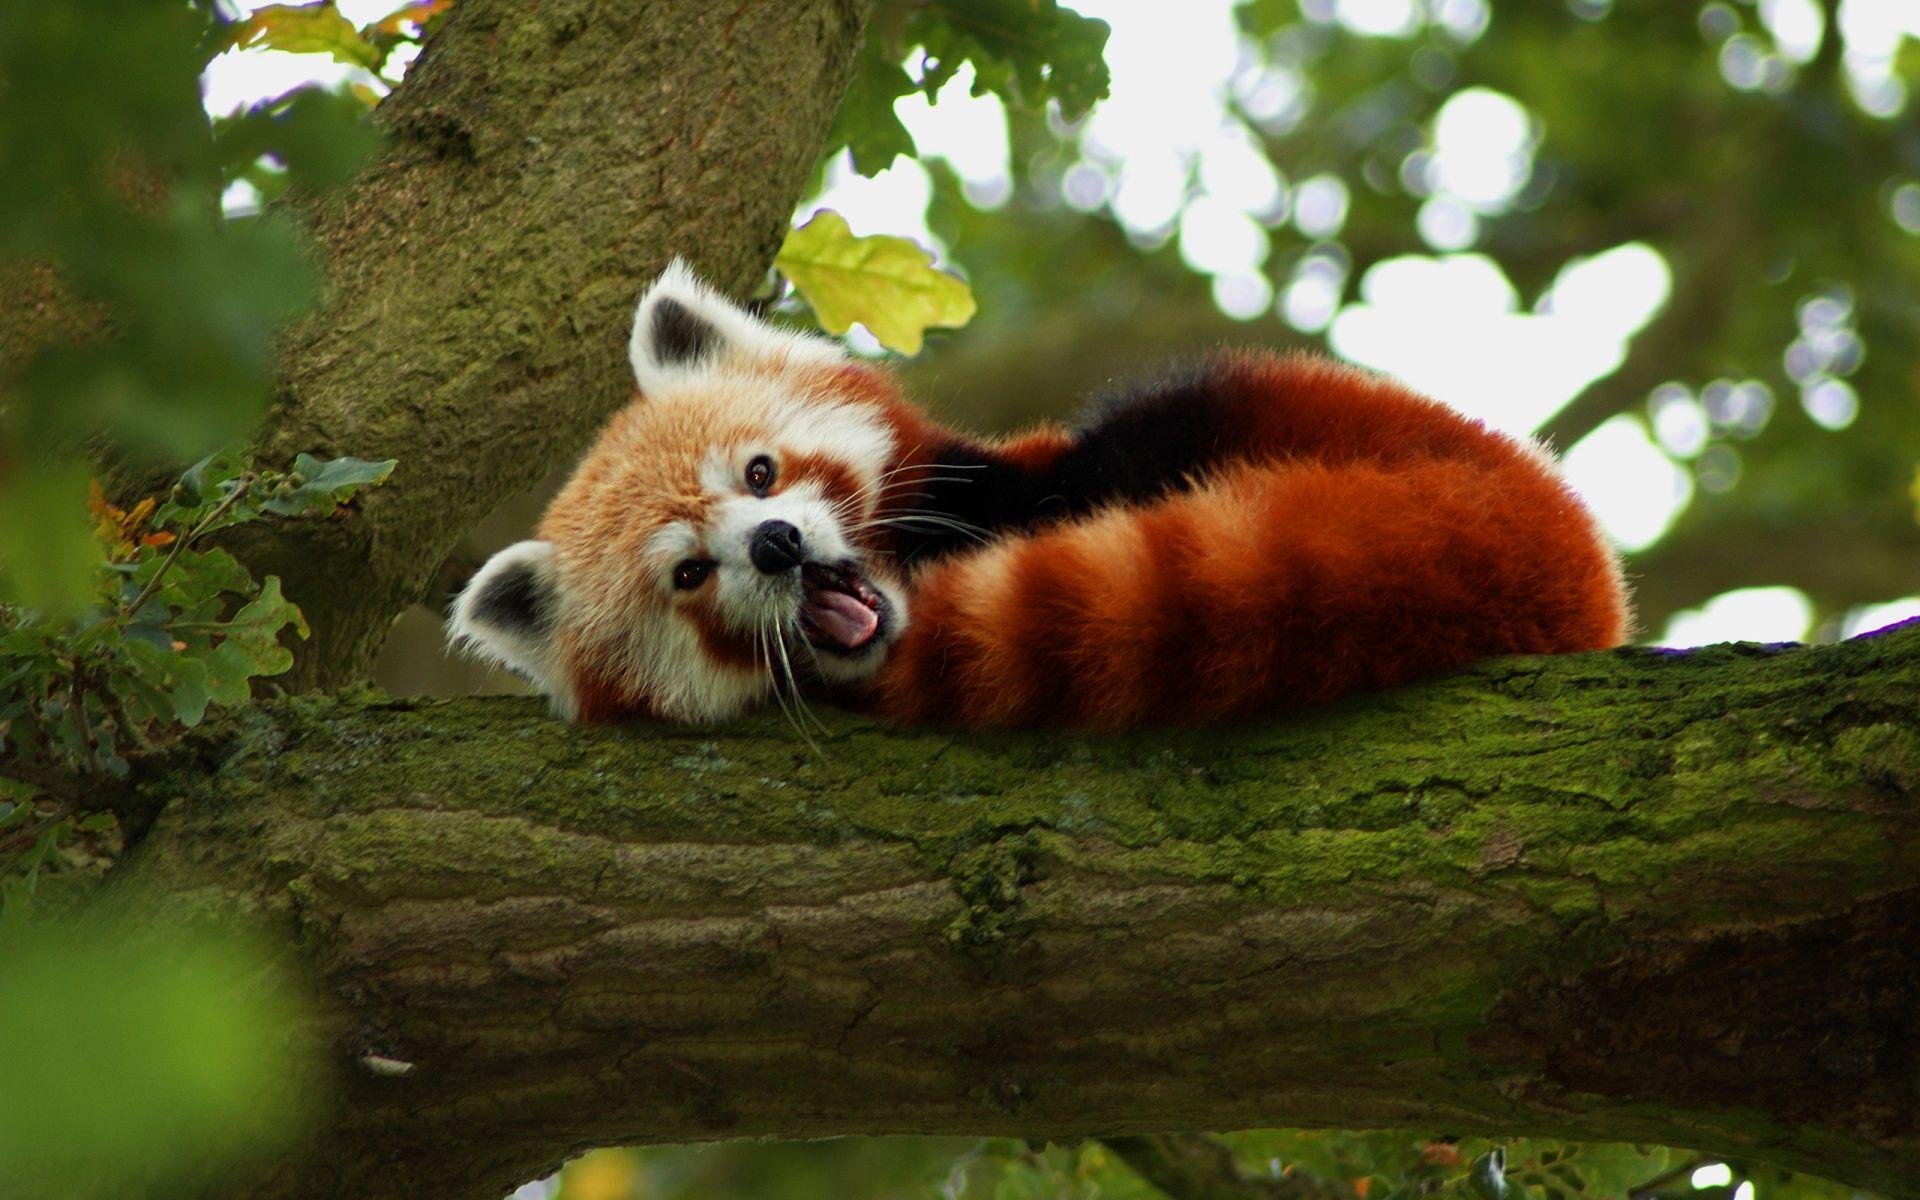 Animaux Panda Roux Fond d'écran | Panda roux, Animaux sauvages, Animaux